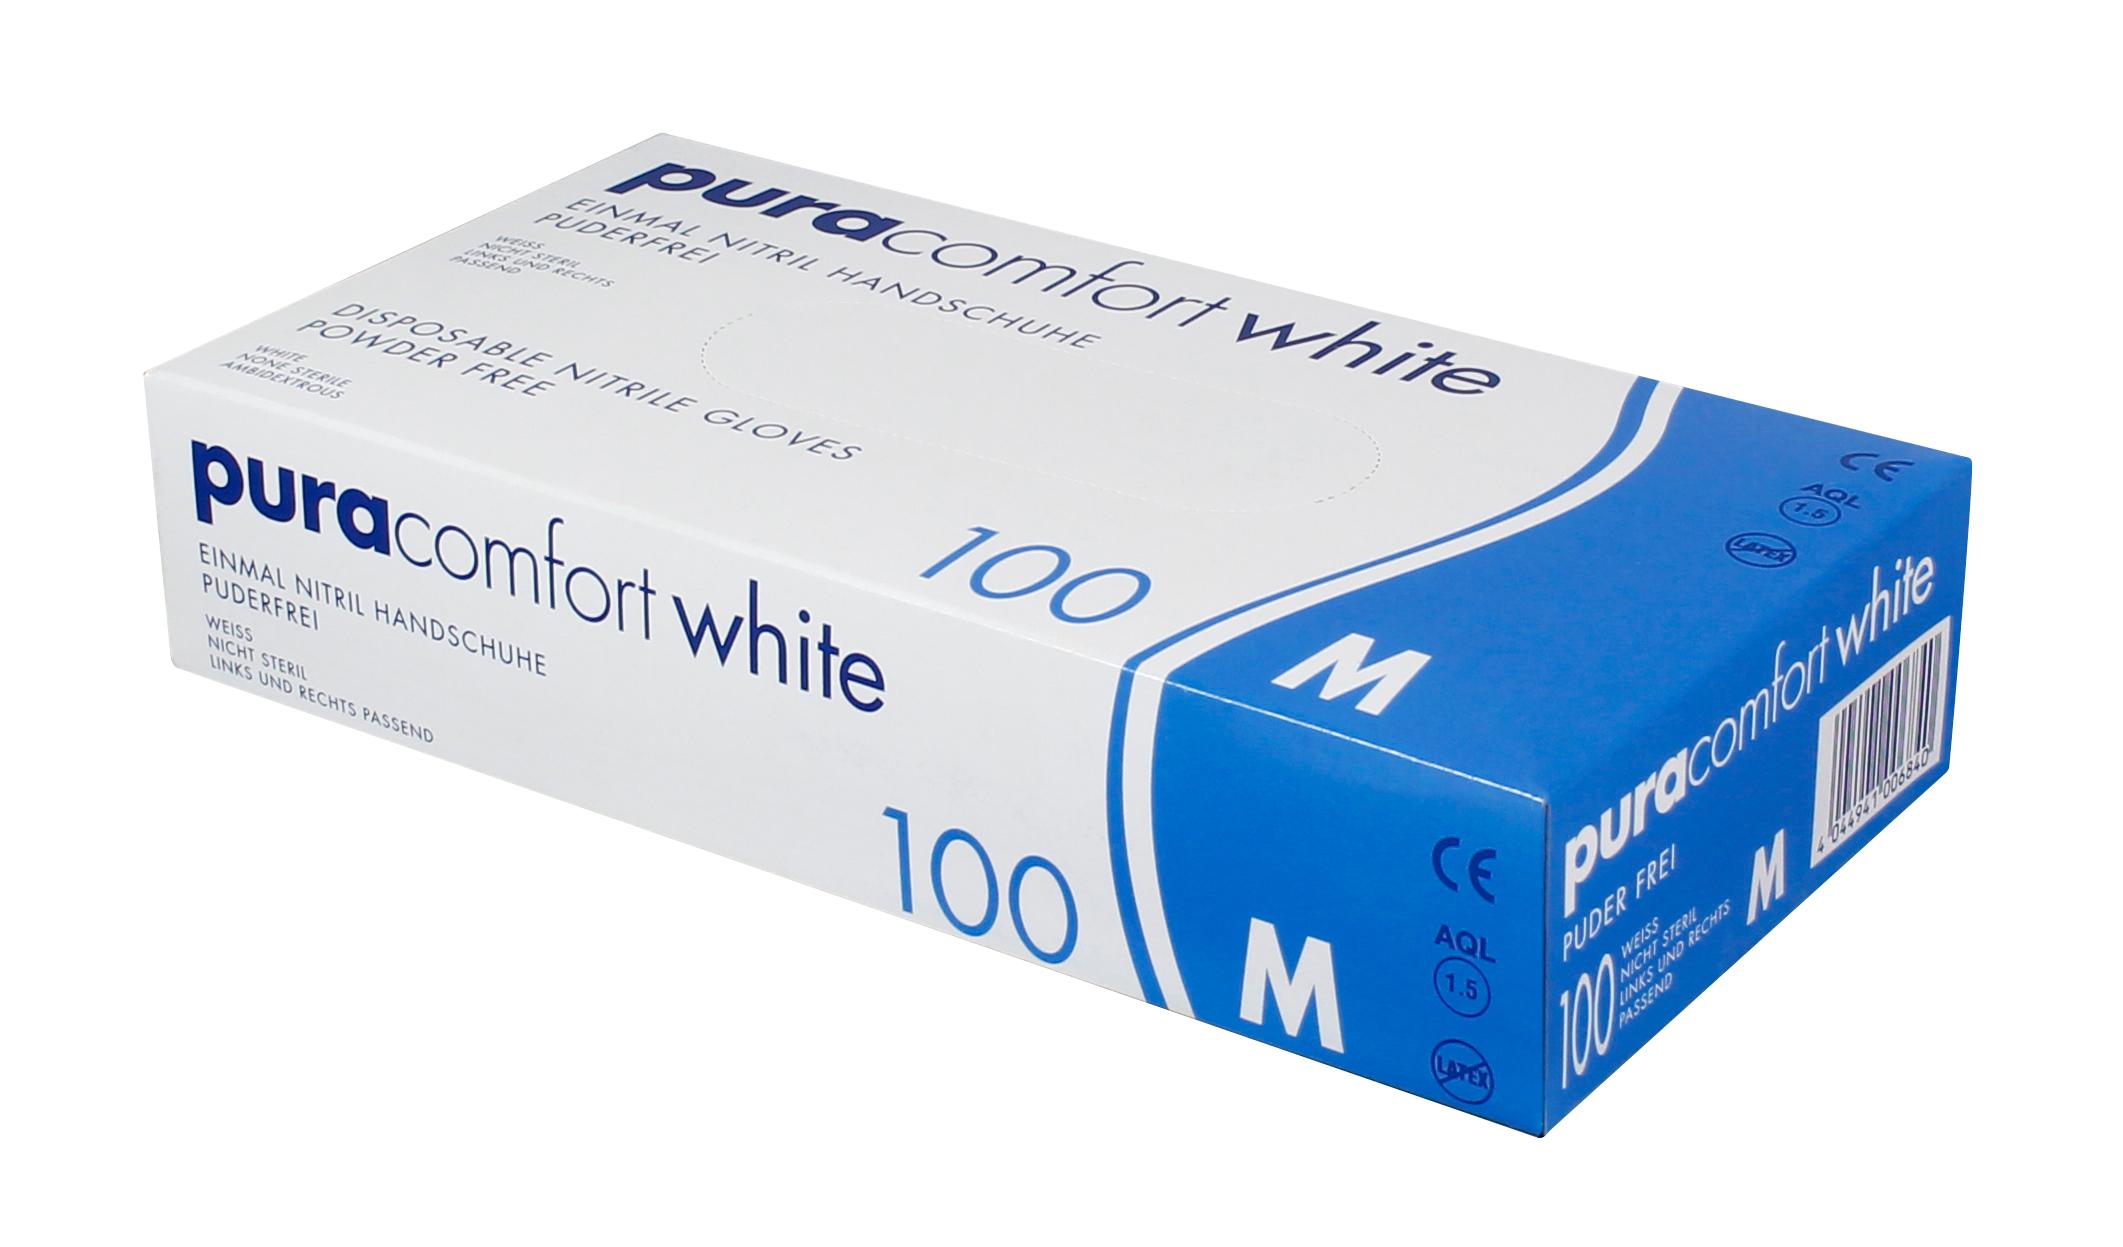 PURA COMFORT WHITE - Nitrilhandschuhe weiß